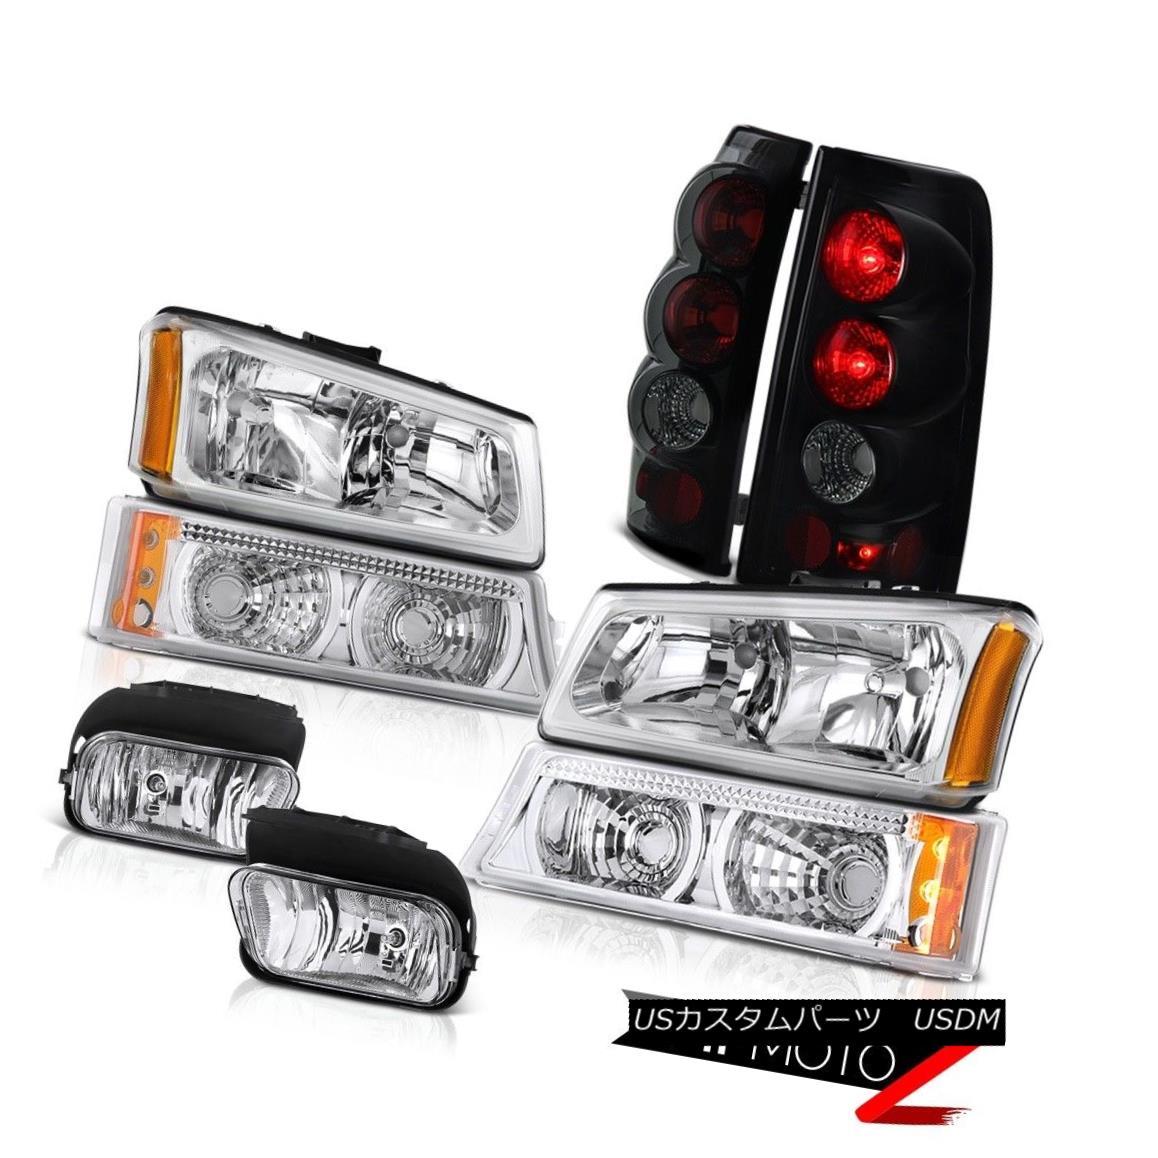 ヘッドライト 2003-2006 Silverado 5.3L Clear Headlights Turn Signal Lamp Rear Tail Lights Fog 2003-2006 Silverado 5.3Lクリアヘッドライトターンシグナルランプリアテールライトフォグ